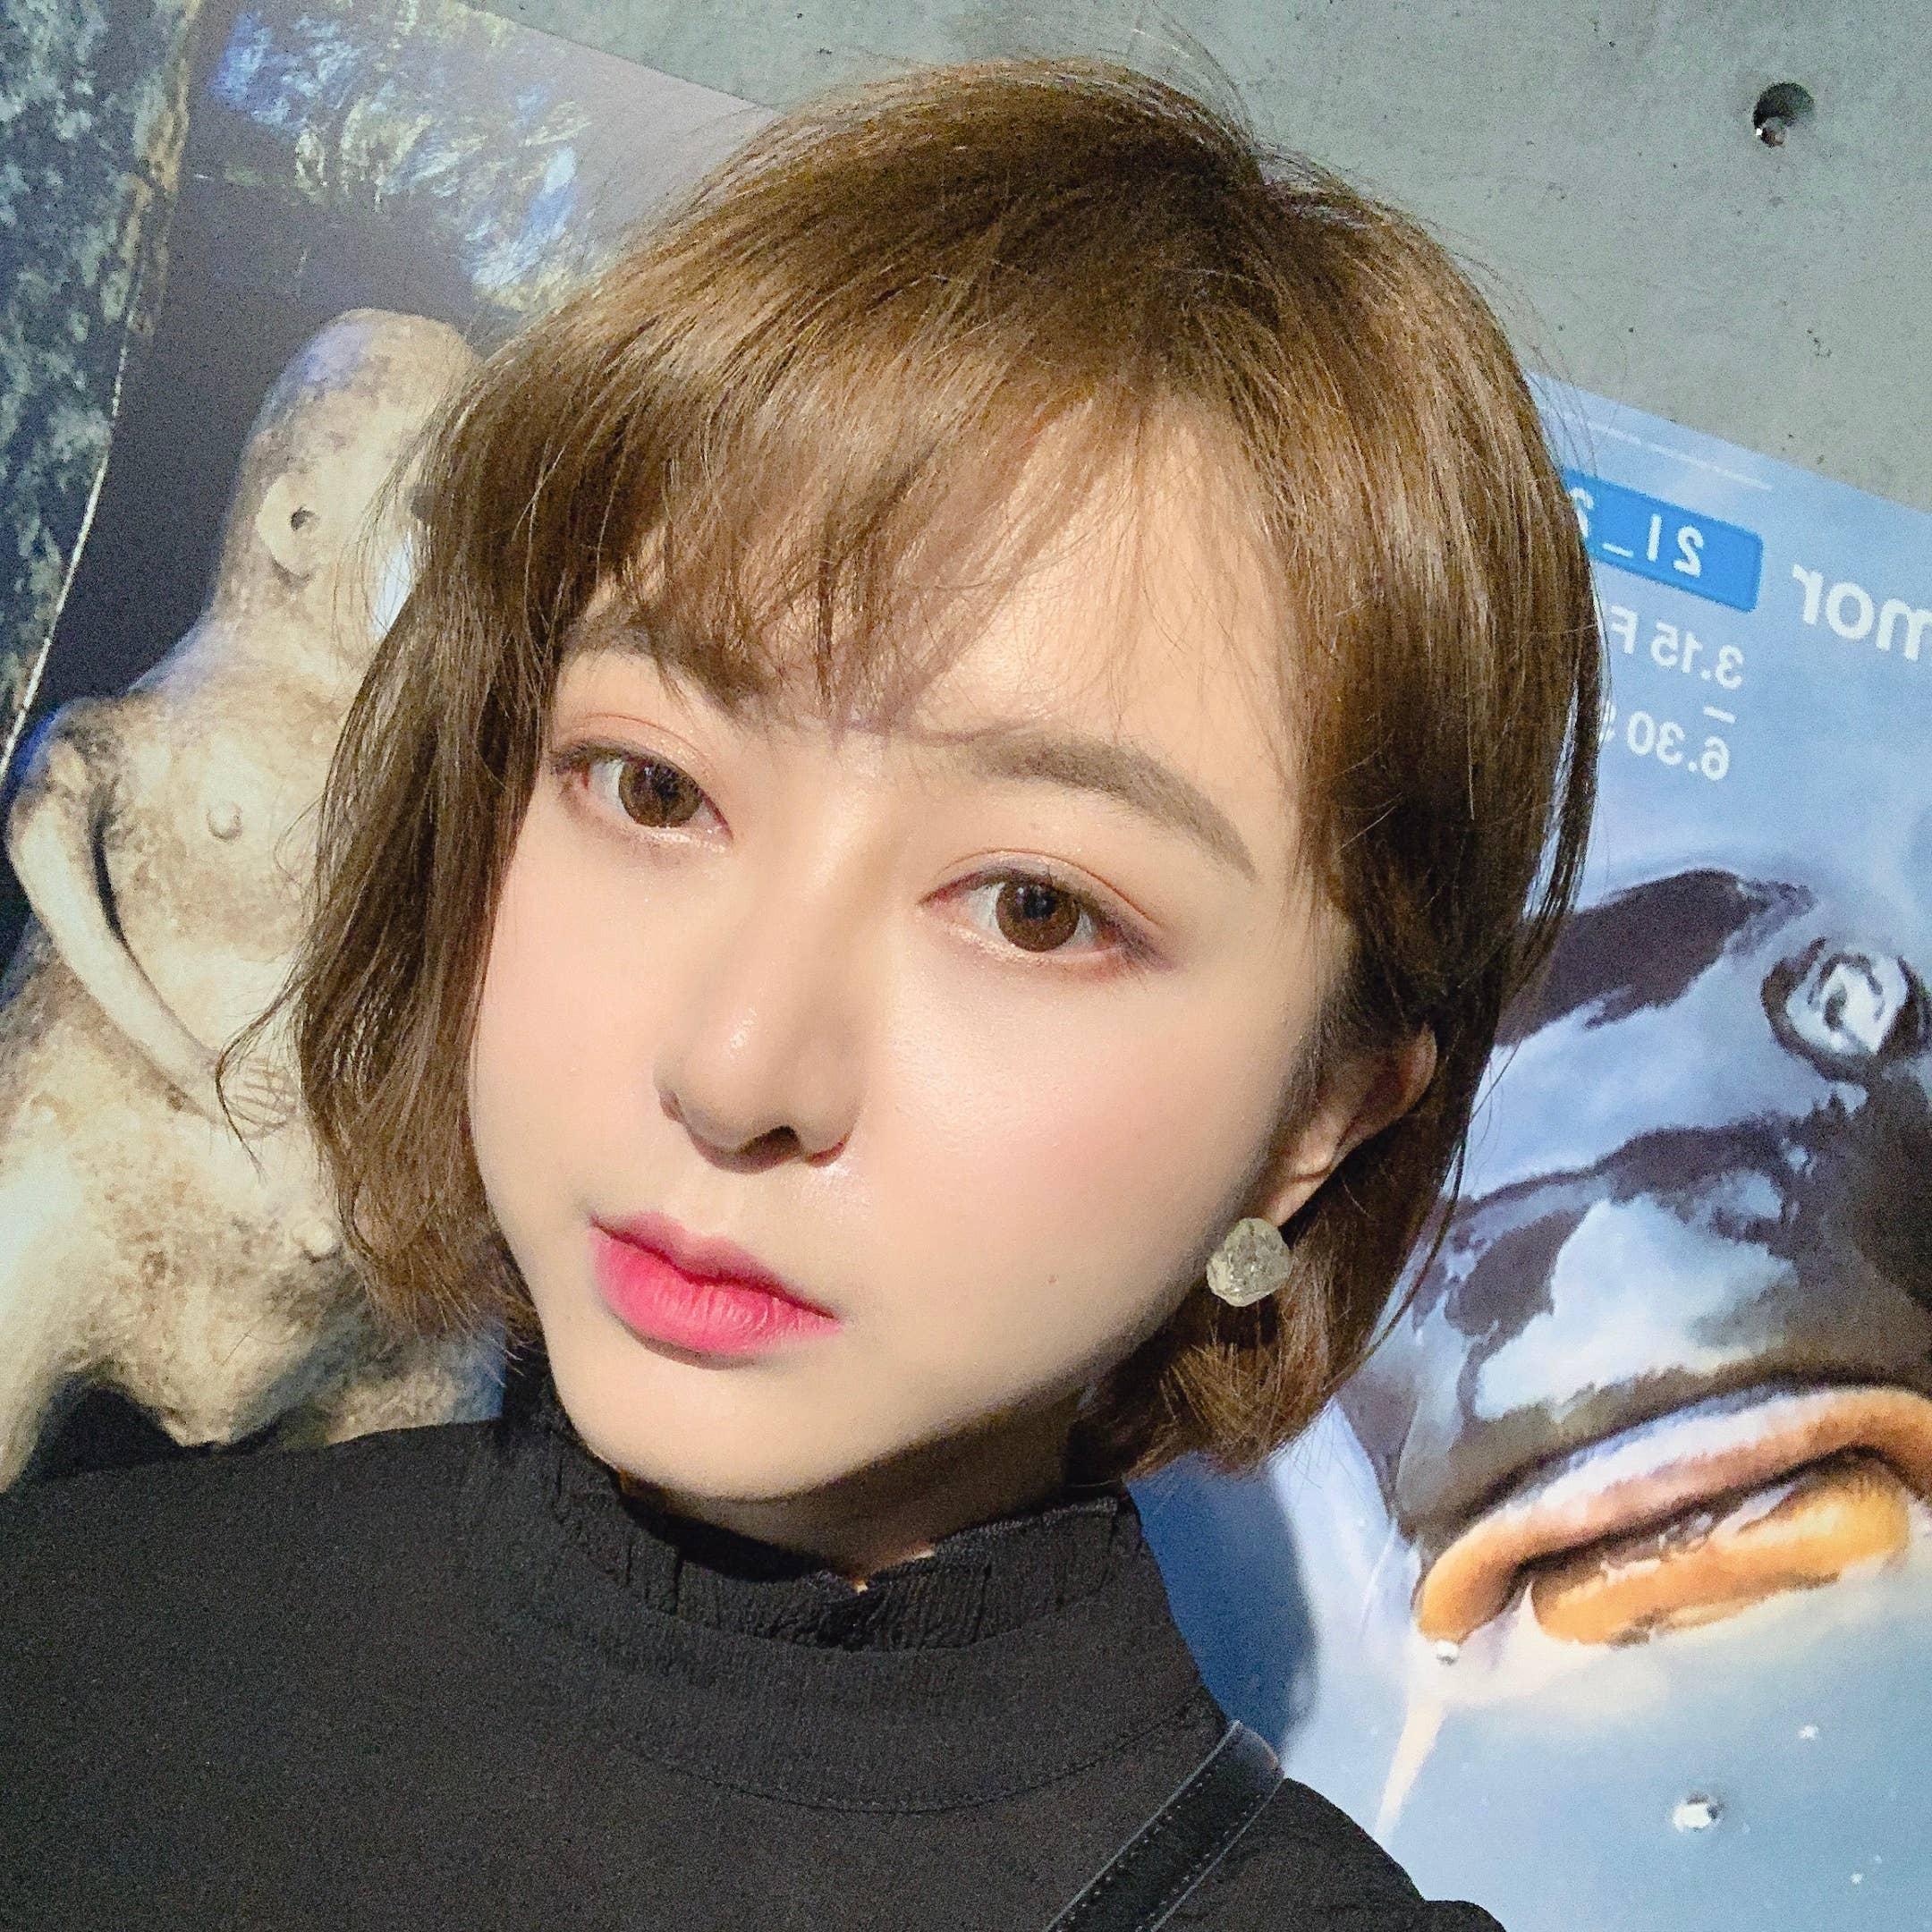 Souu Zhang